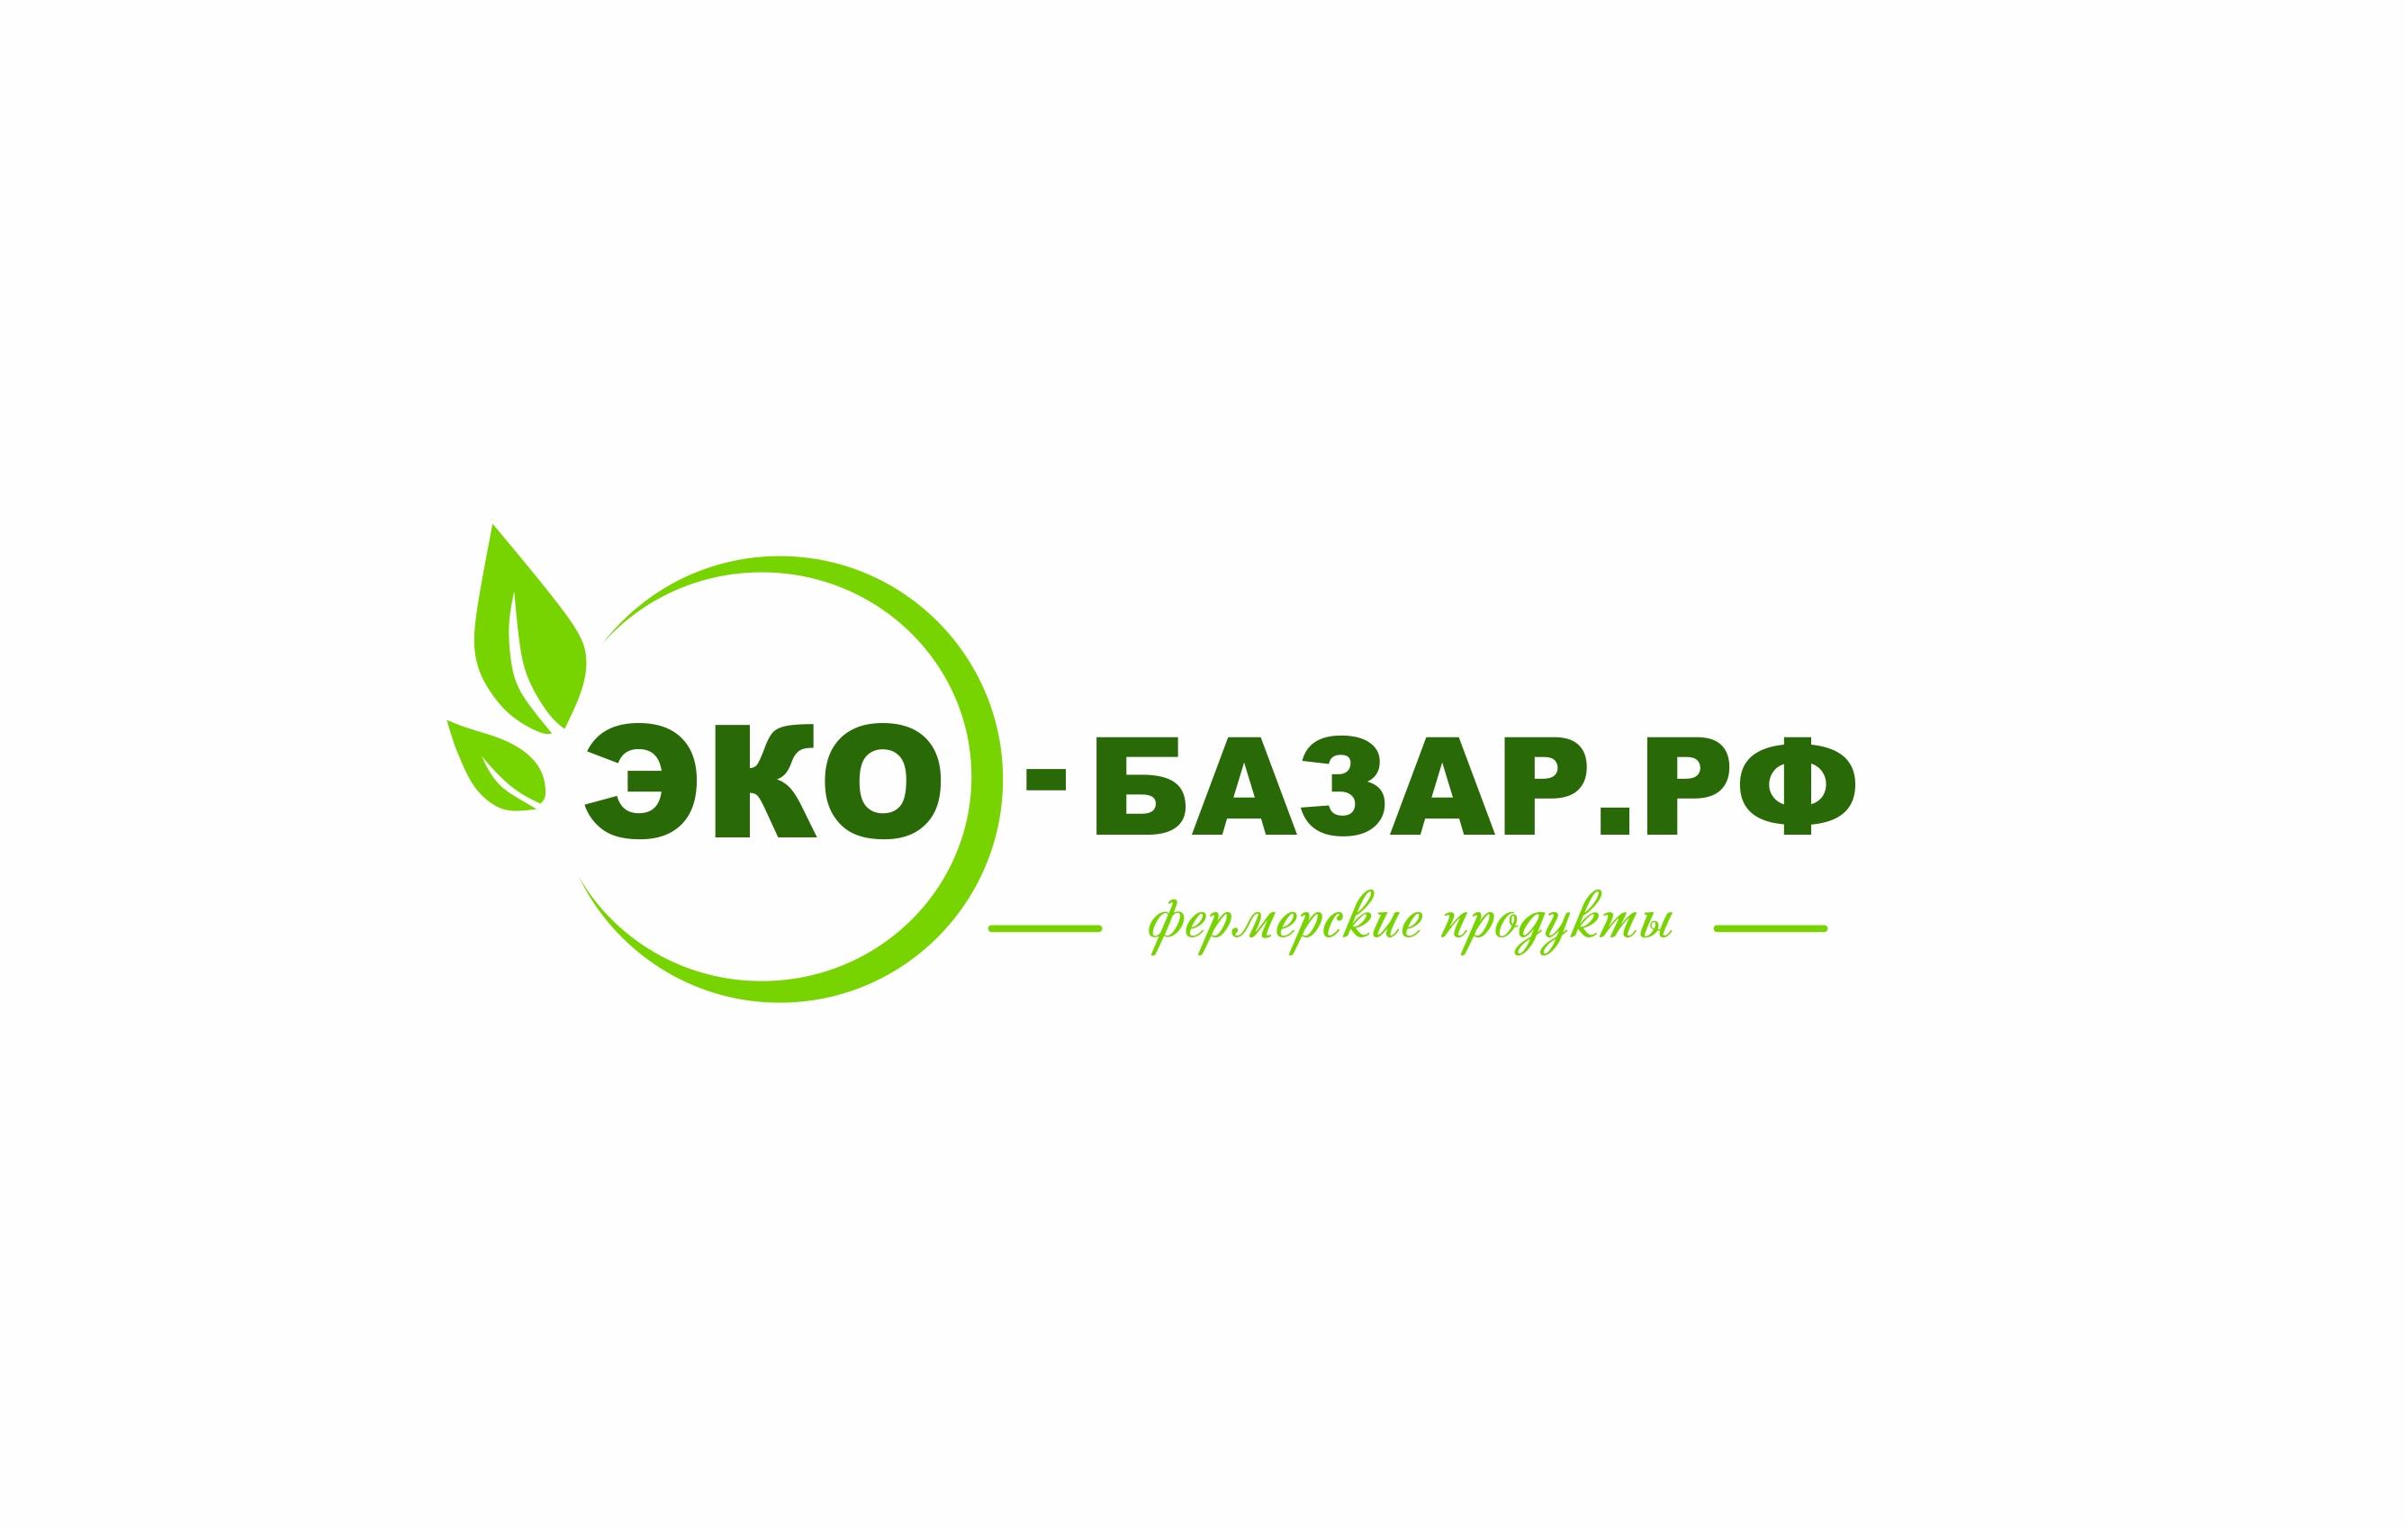 Логотип компании натуральных (фермерских) продуктов фото f_8995940f36842c62.jpg